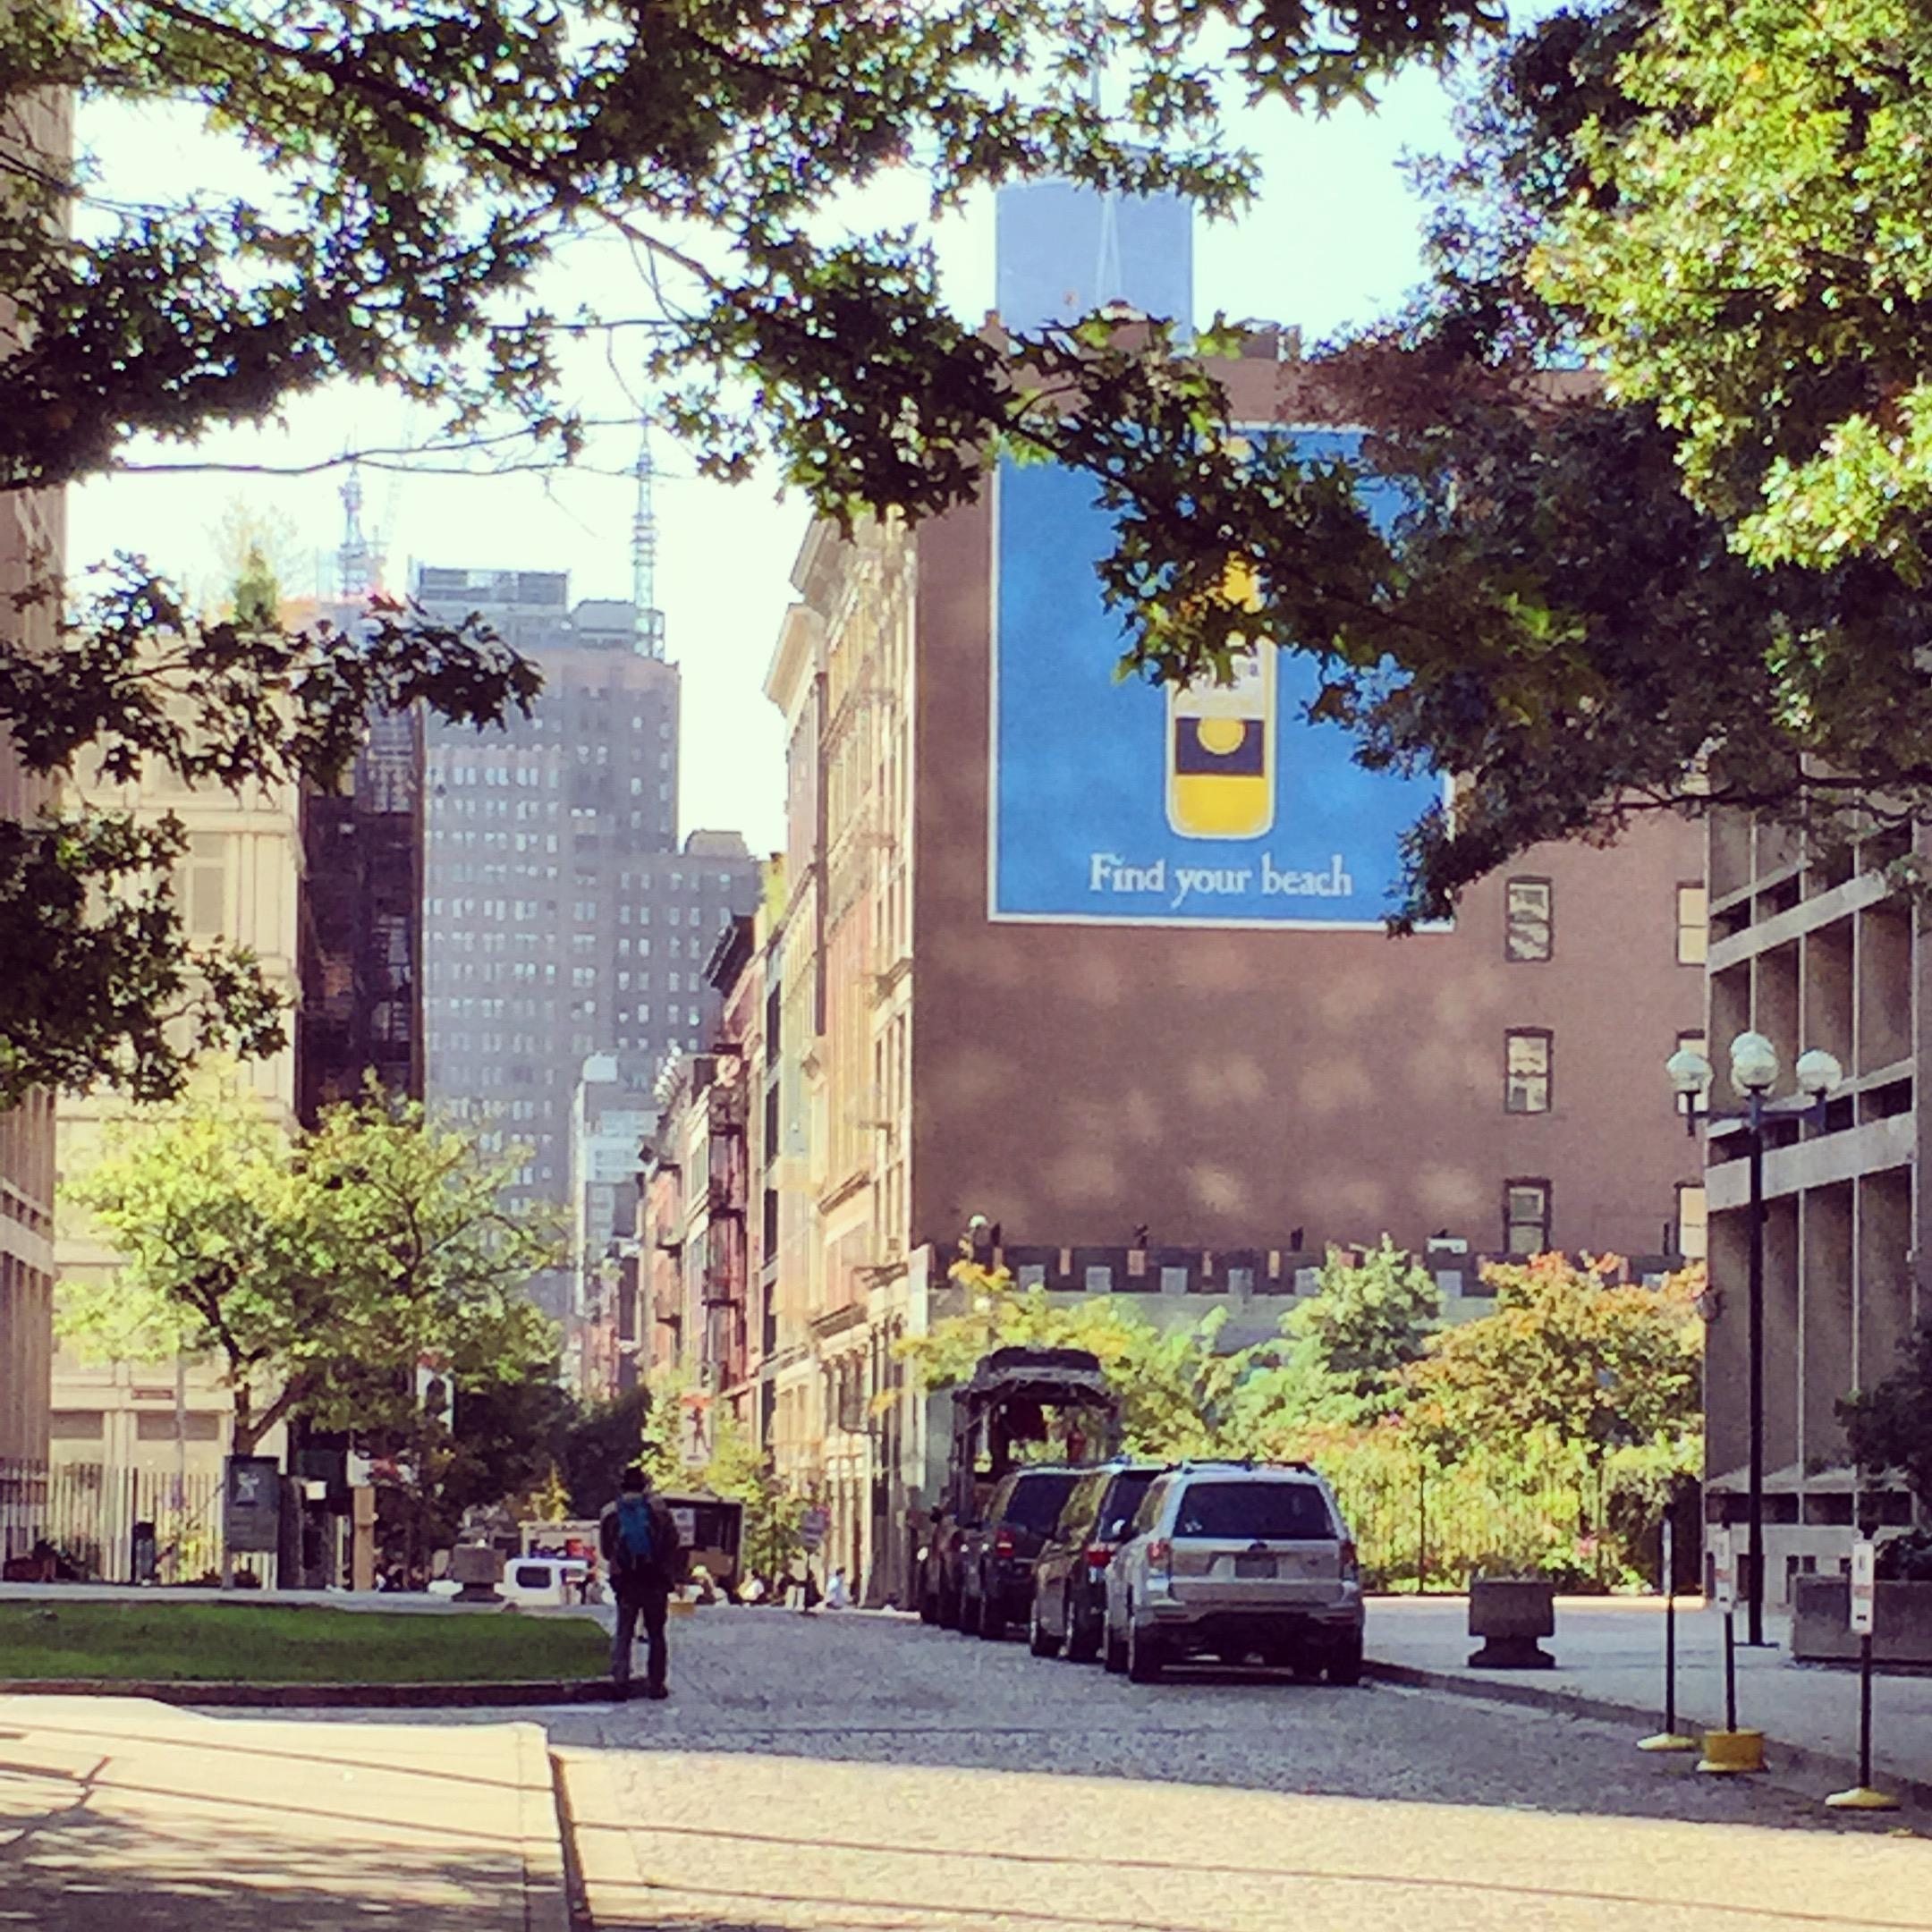 ny-new-york-guida-essenziale-chic-cosa-fare-mettere-valigia-non-si-dice-piacere-blog-buone maniere029-731x1024 (8)